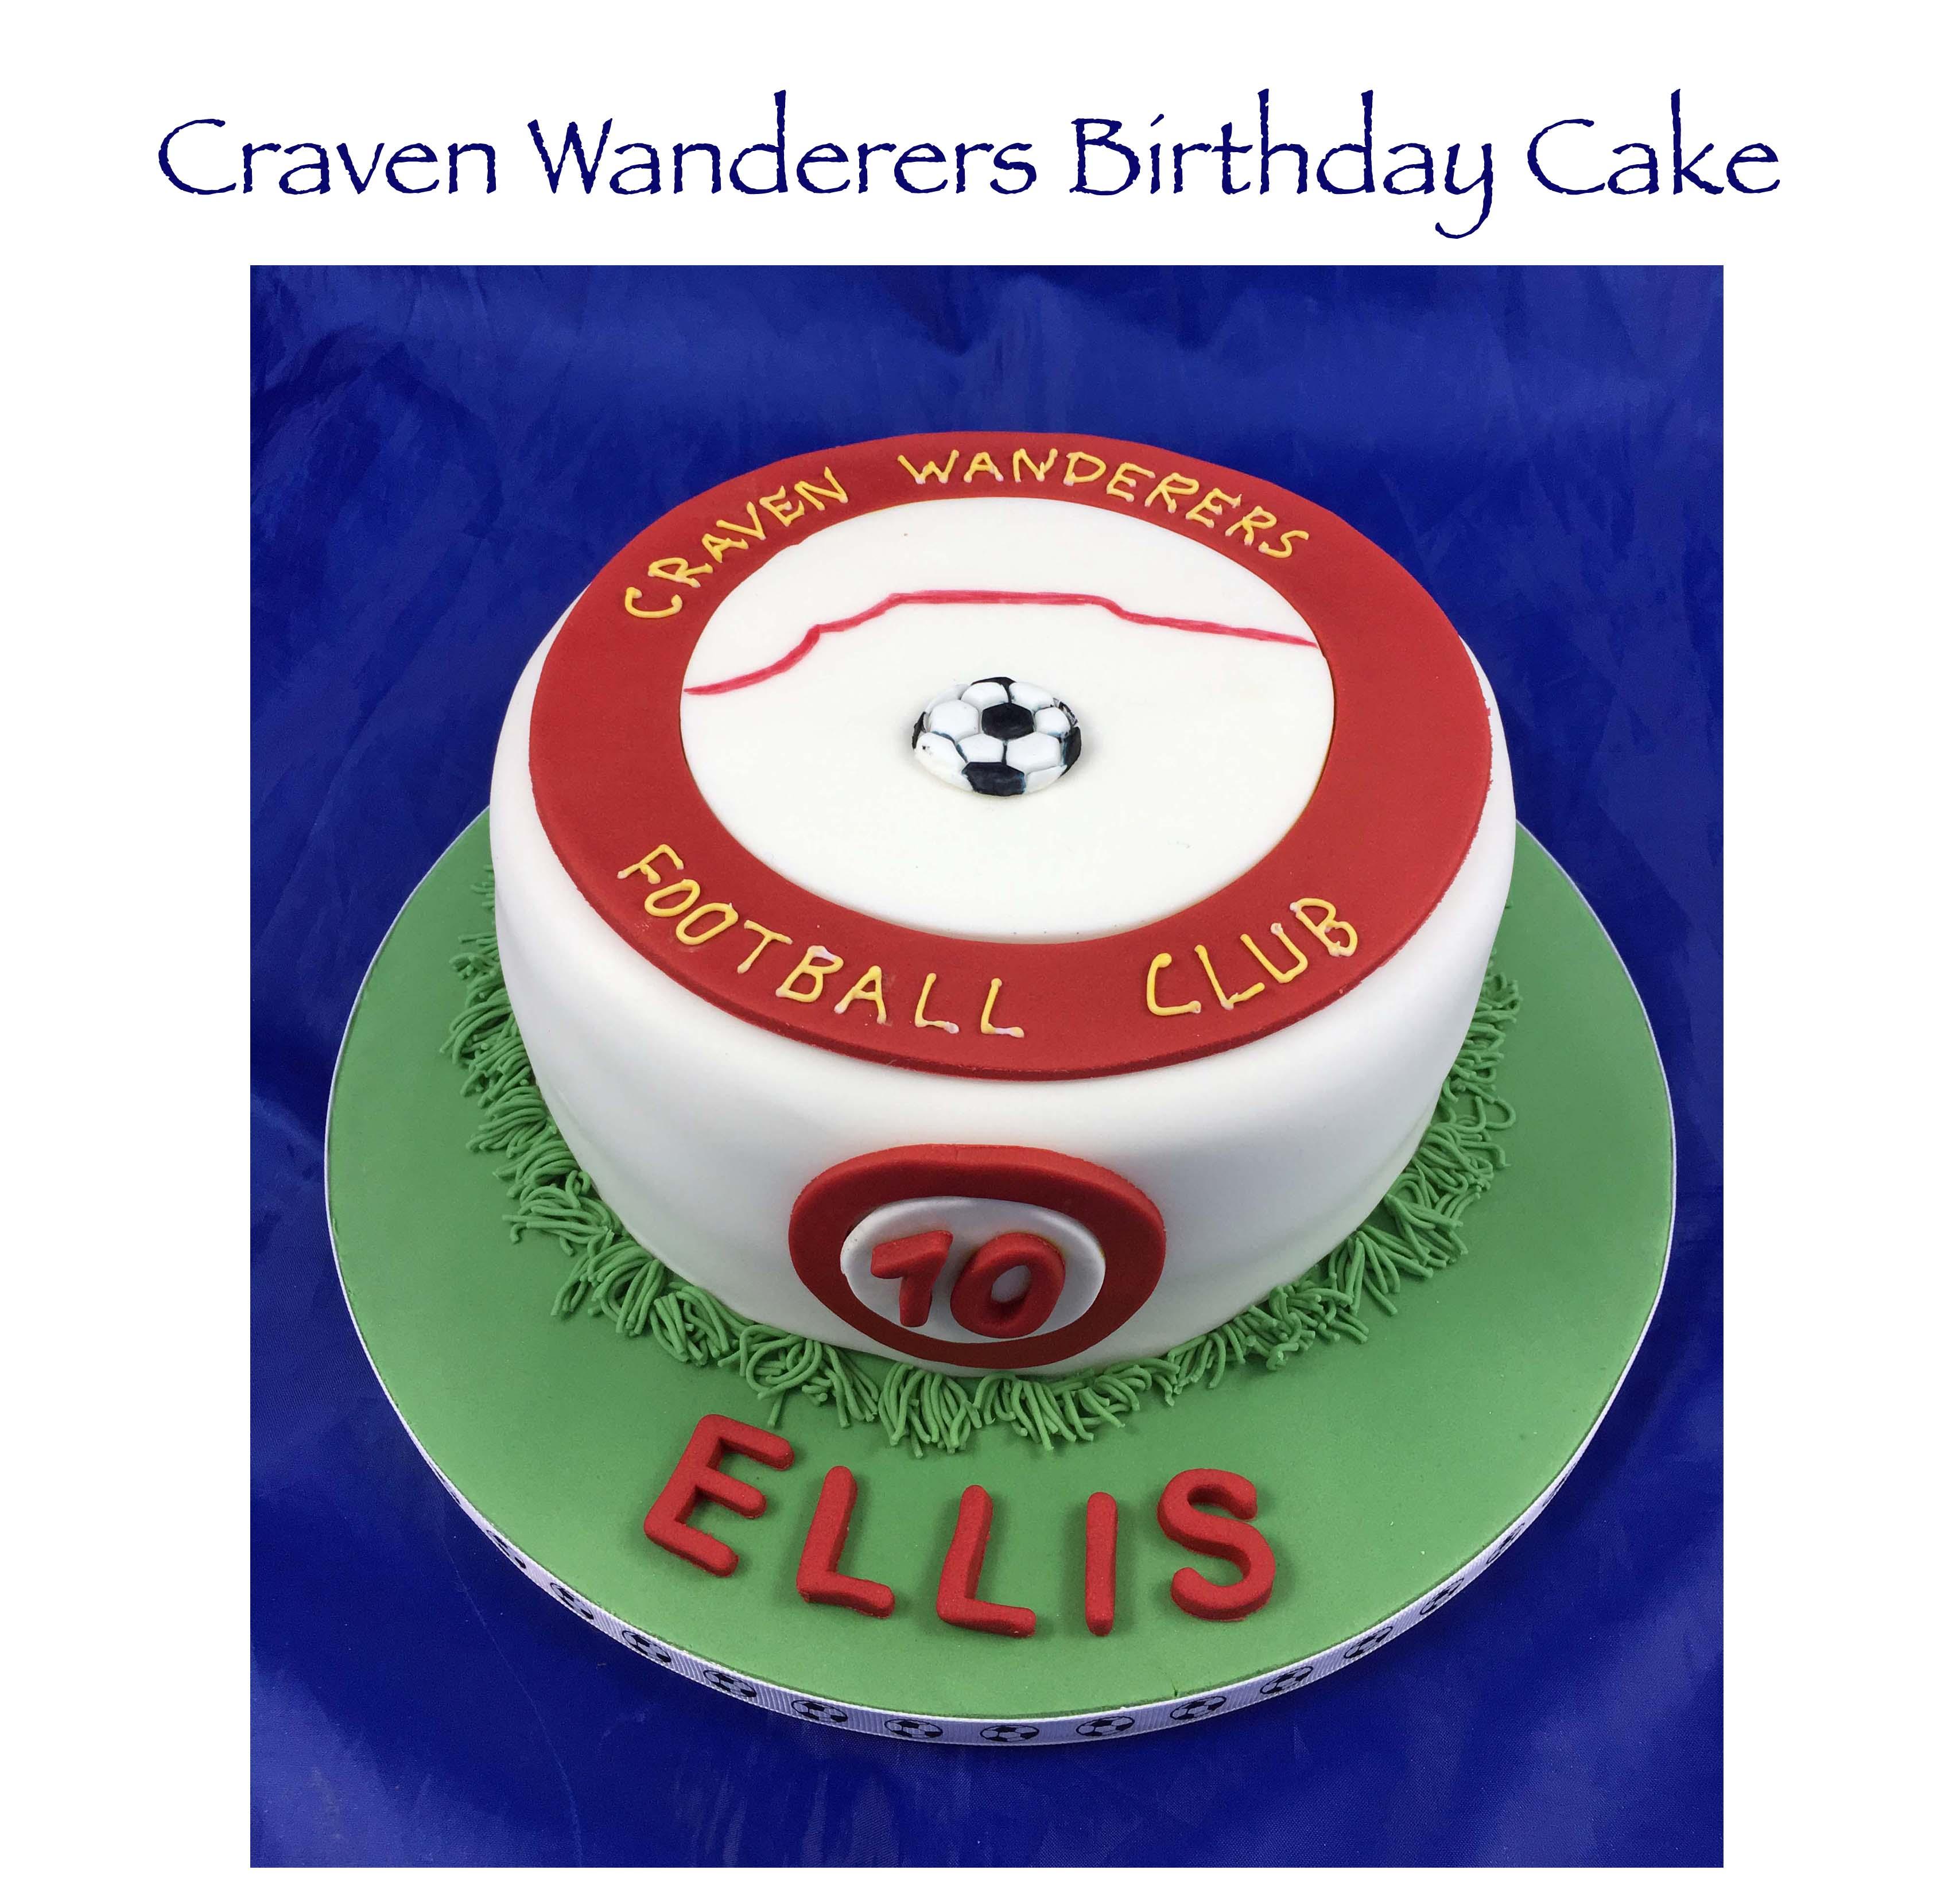 Craven Wanderers Birthday Cake